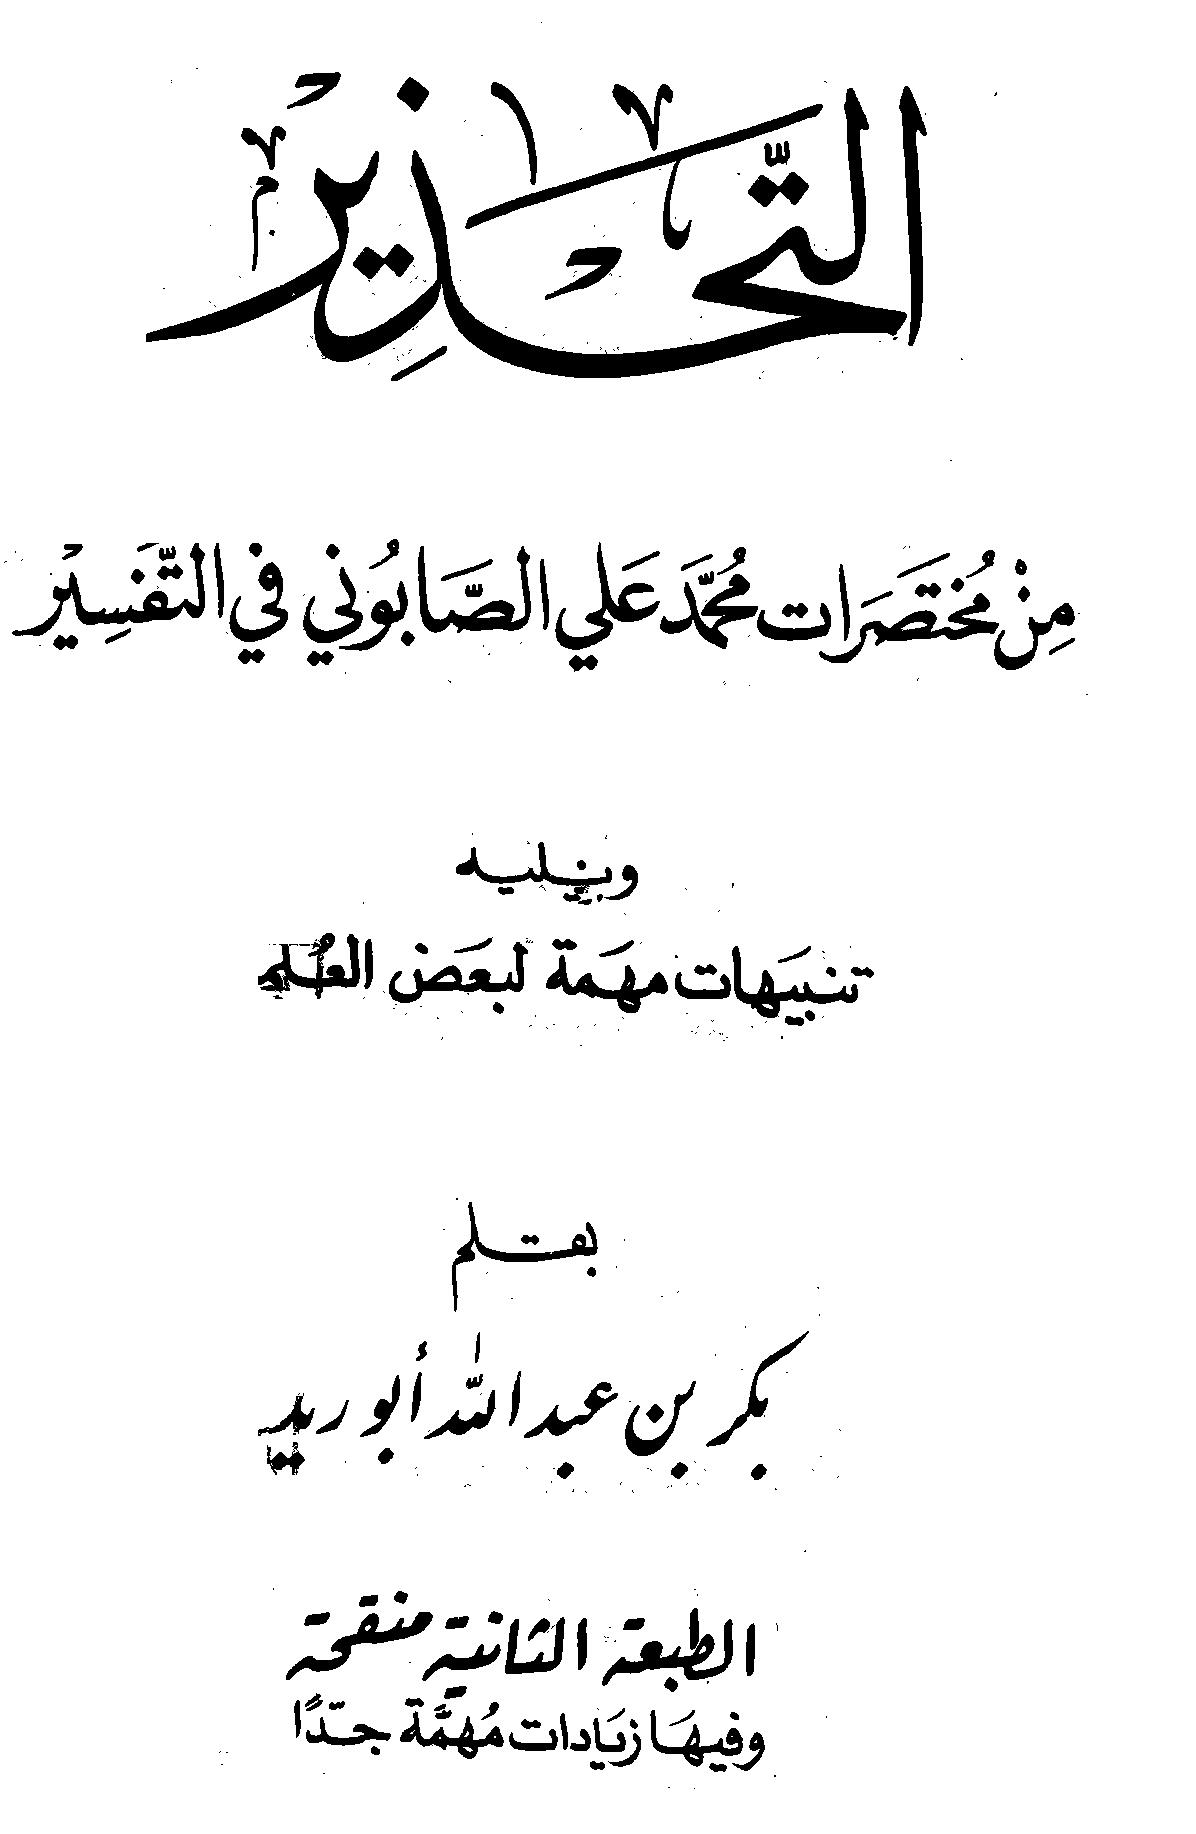 التحذير من مختصرات محمد علي الصابوني : في التفسير